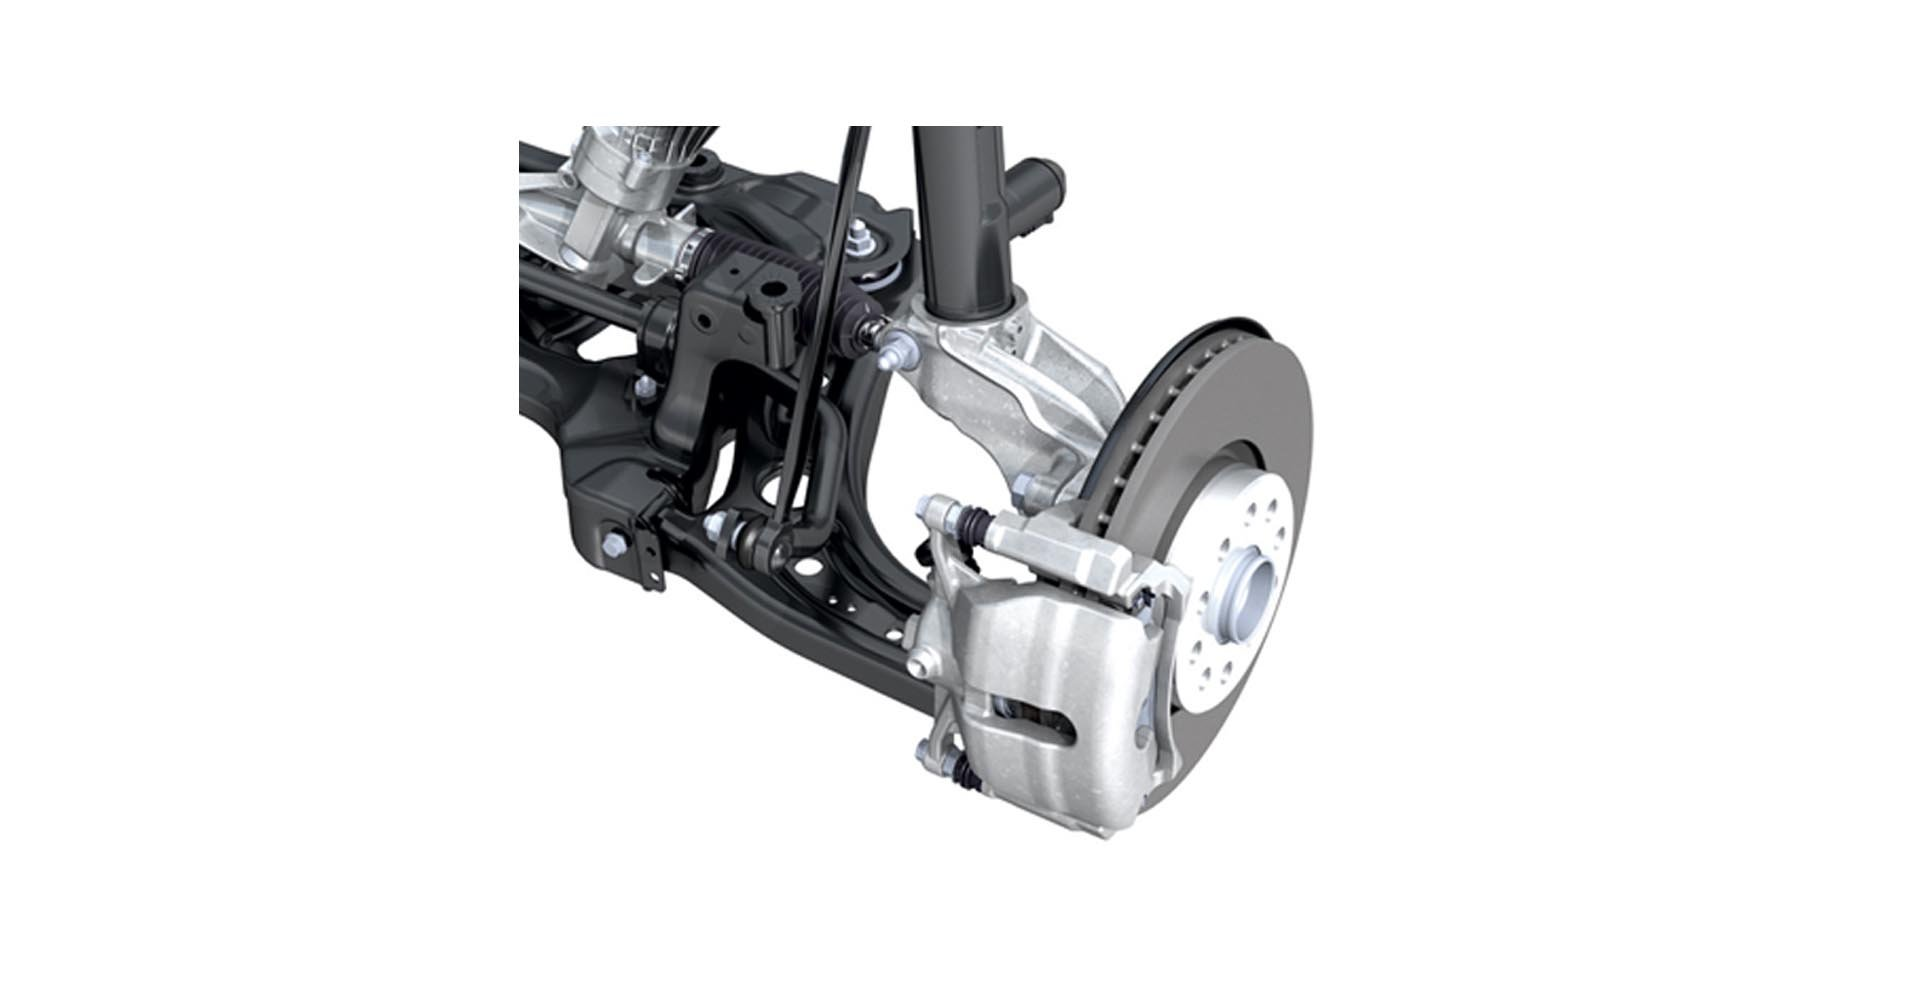 01_VW Mk7 GTI front brakes